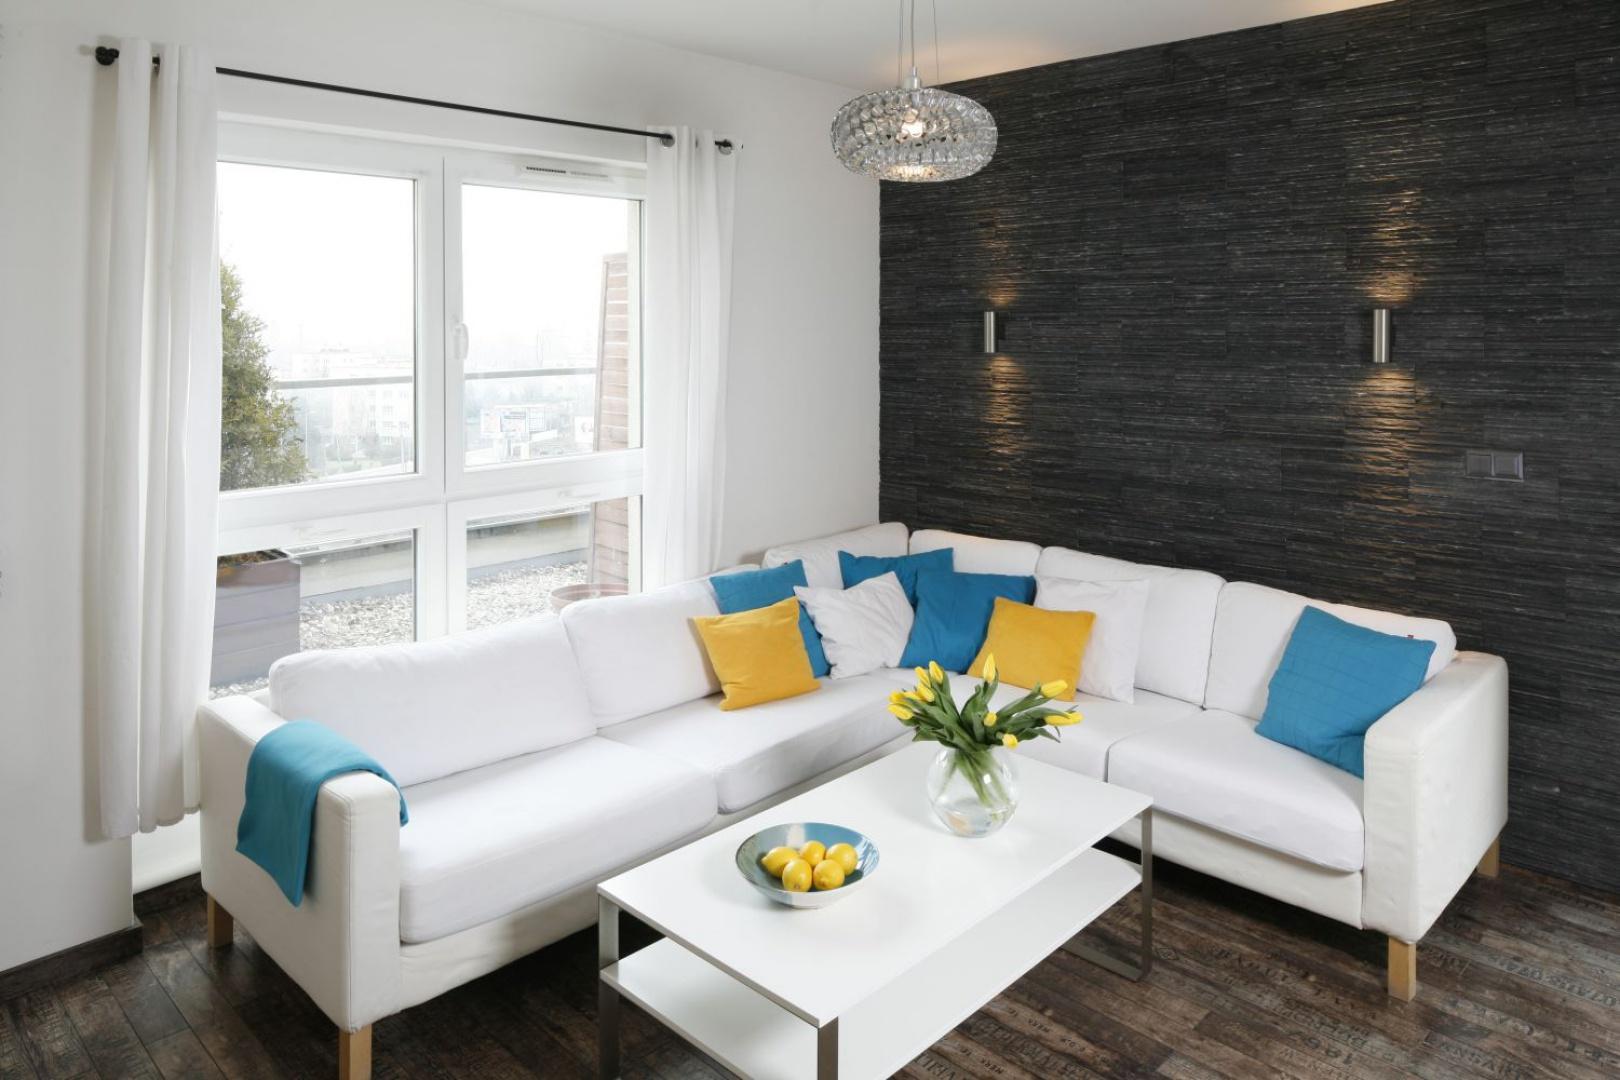 Elegancki salon urządzono w czarno białej kolorystyce. Wyłożona czarnym łupkiem ściana za kanapą to świadome nawiązanie do historii miejsca, w którym obecnie zlokalizowane jest mieszkanie - terenu byłej kopalni. Projekt: Katarzyna Uszok. Fot. Bartosz Jarosz.